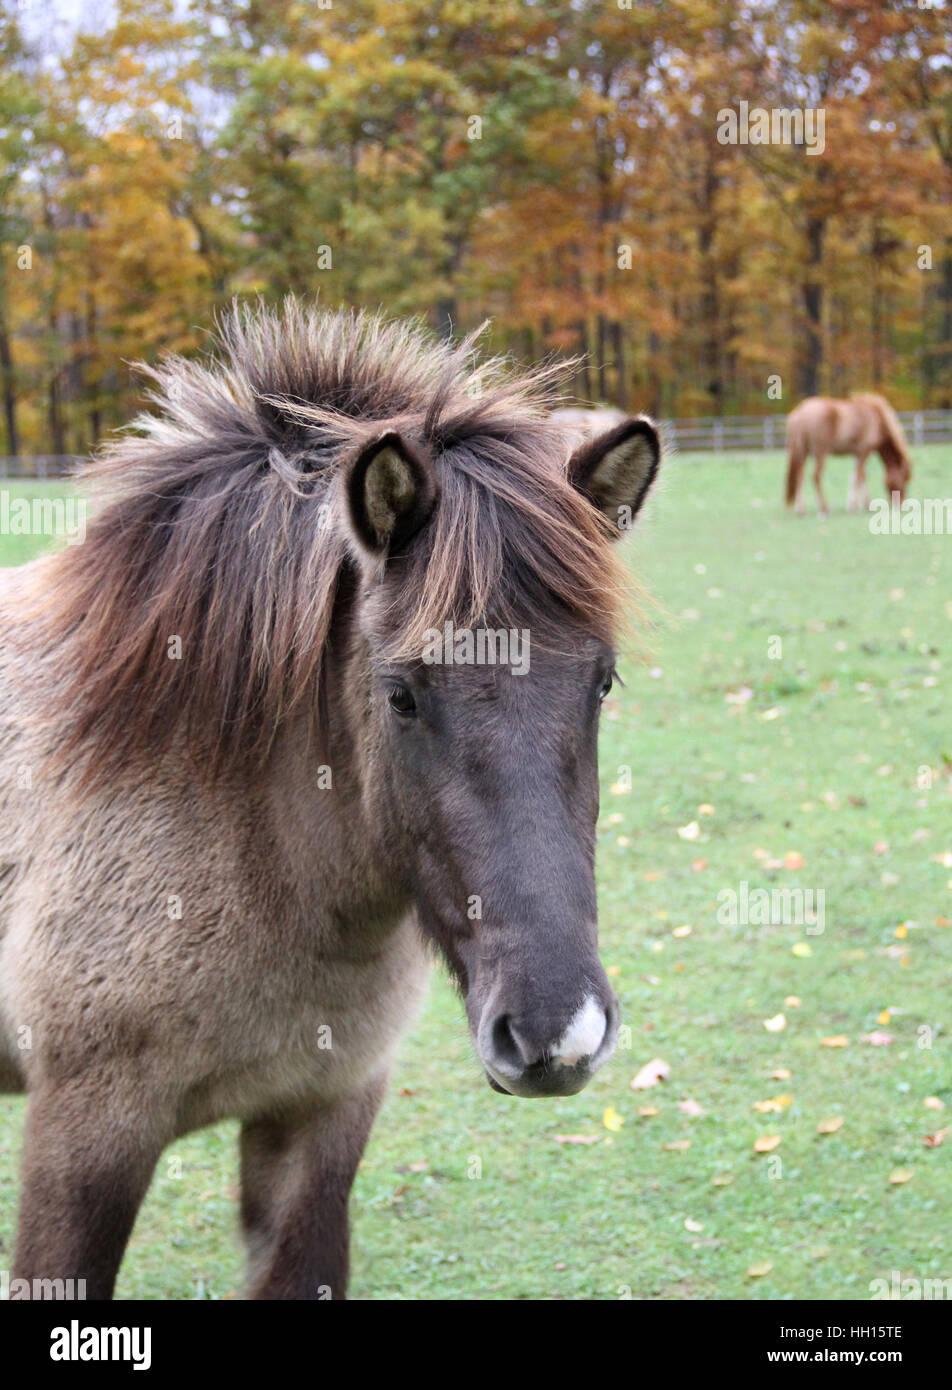 Dun Horse Color Stock Photos Dun Horse Color Stock Images Alamy